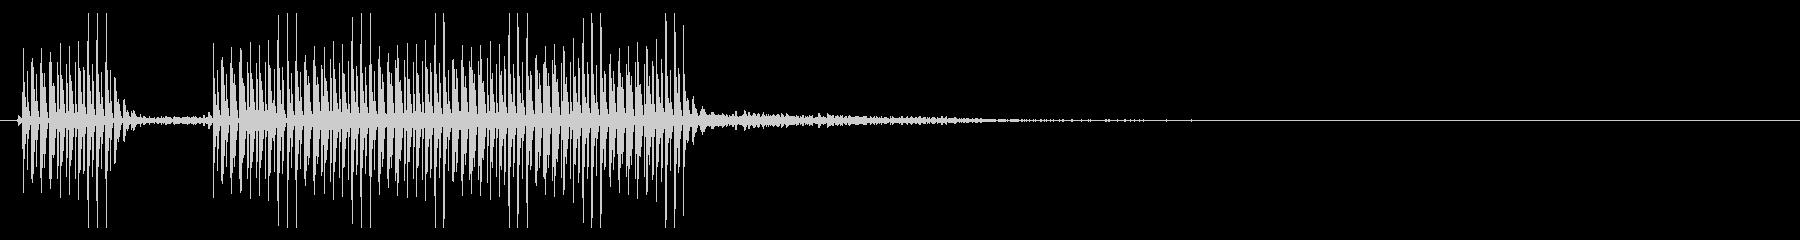 [ブブー] 不正解・エラー_矩Mix 3の未再生の波形